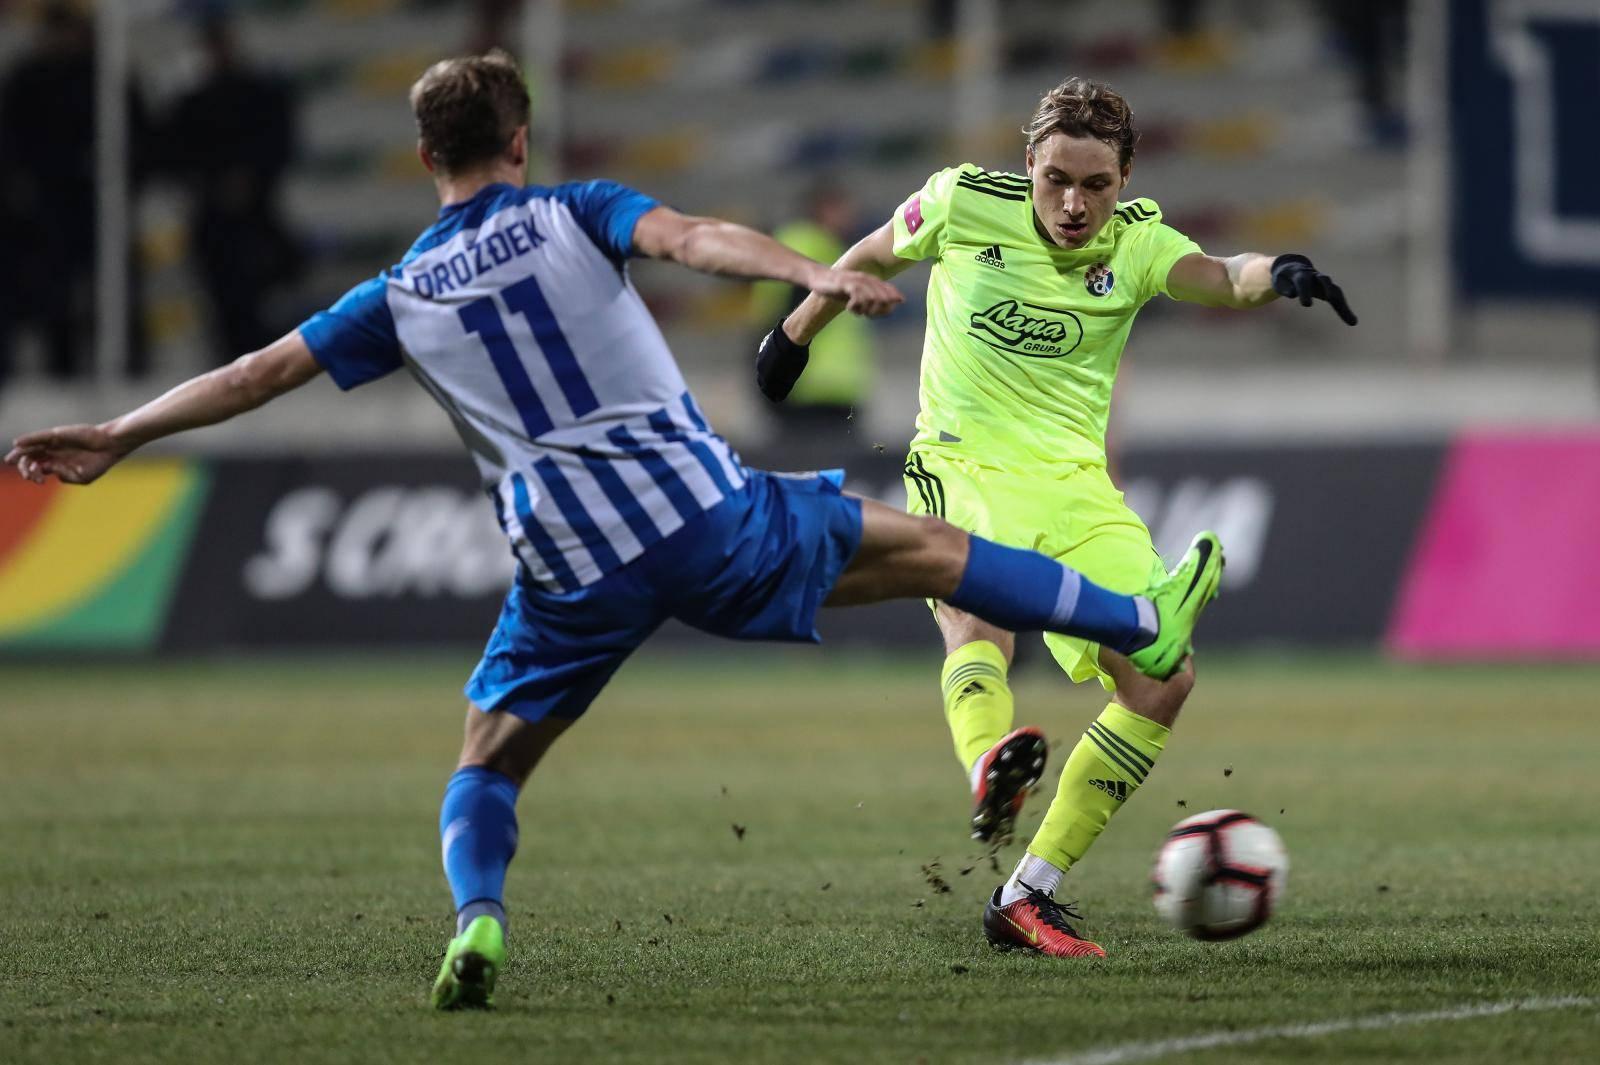 Zagreb: Susret GNK Dinamo i NK Lokomotiva u 23. kolu Prve HNL